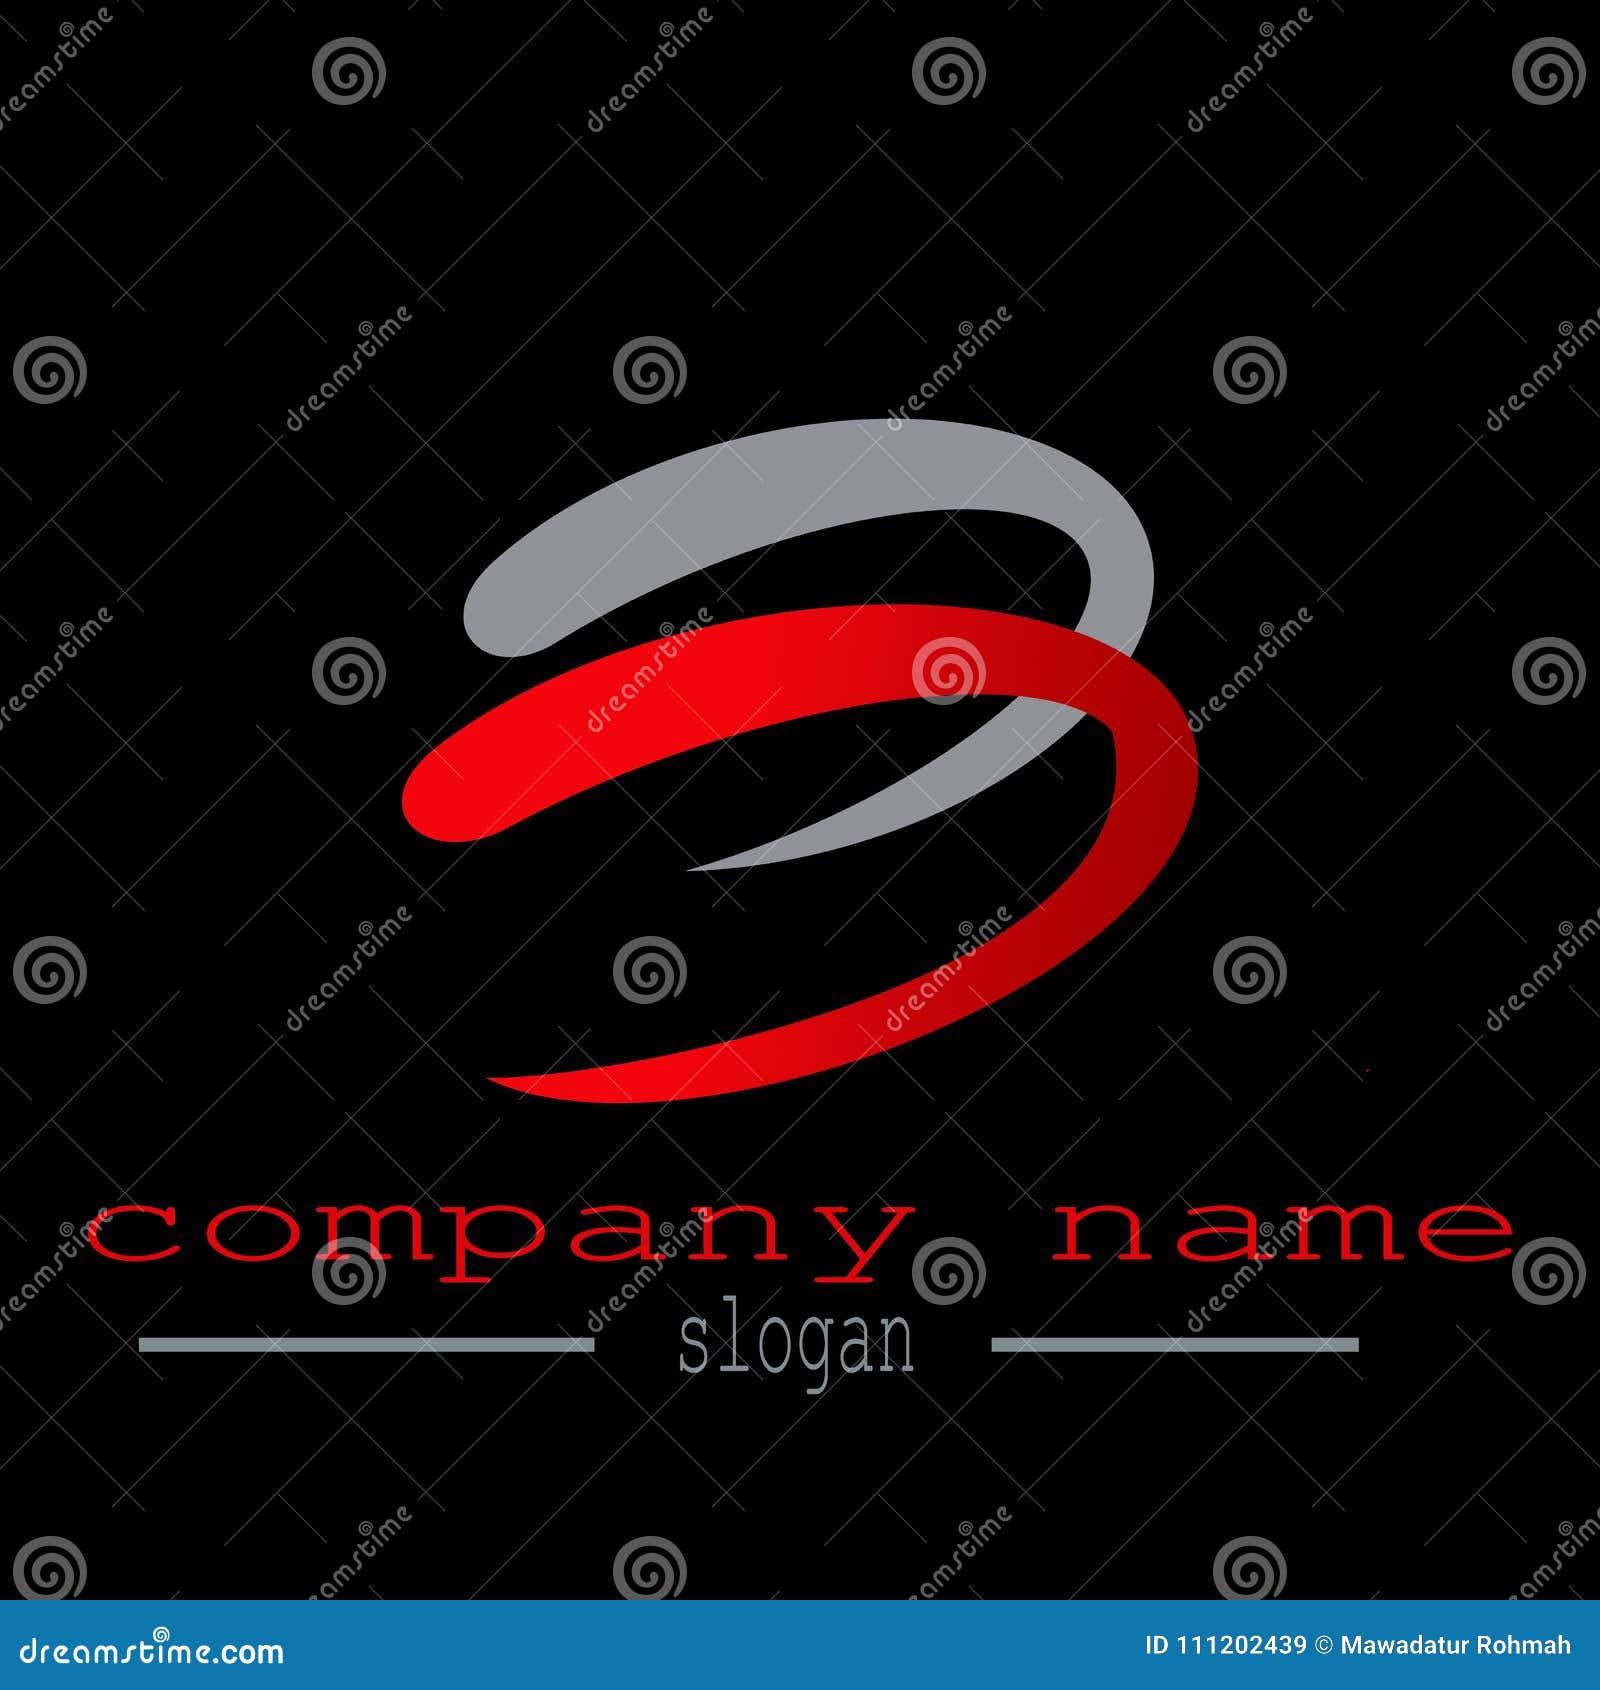 Logovektor des Buchstaben b